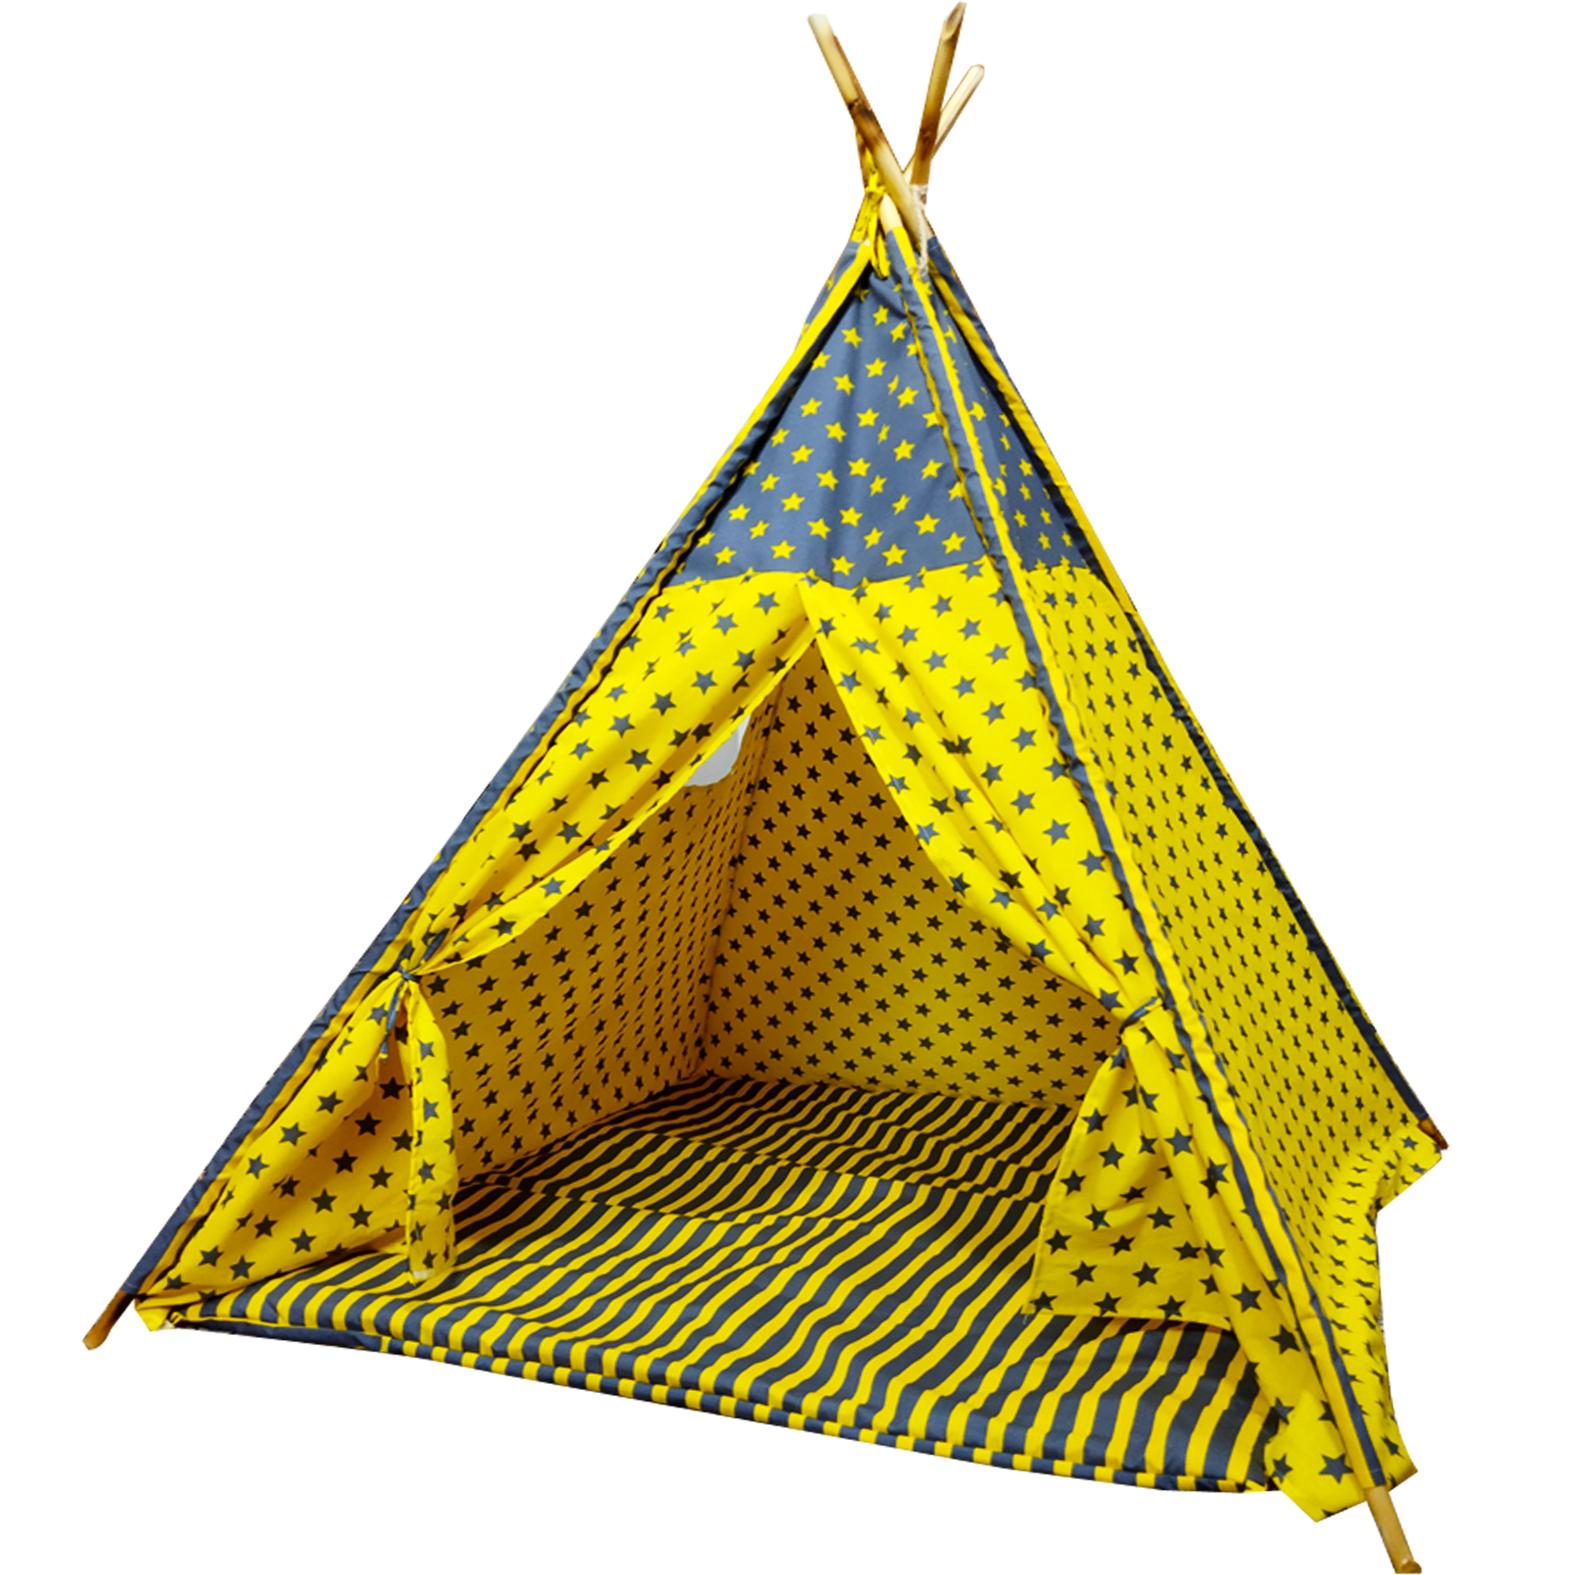 چادر بازی کودک مدل سرخپوستی کد 221